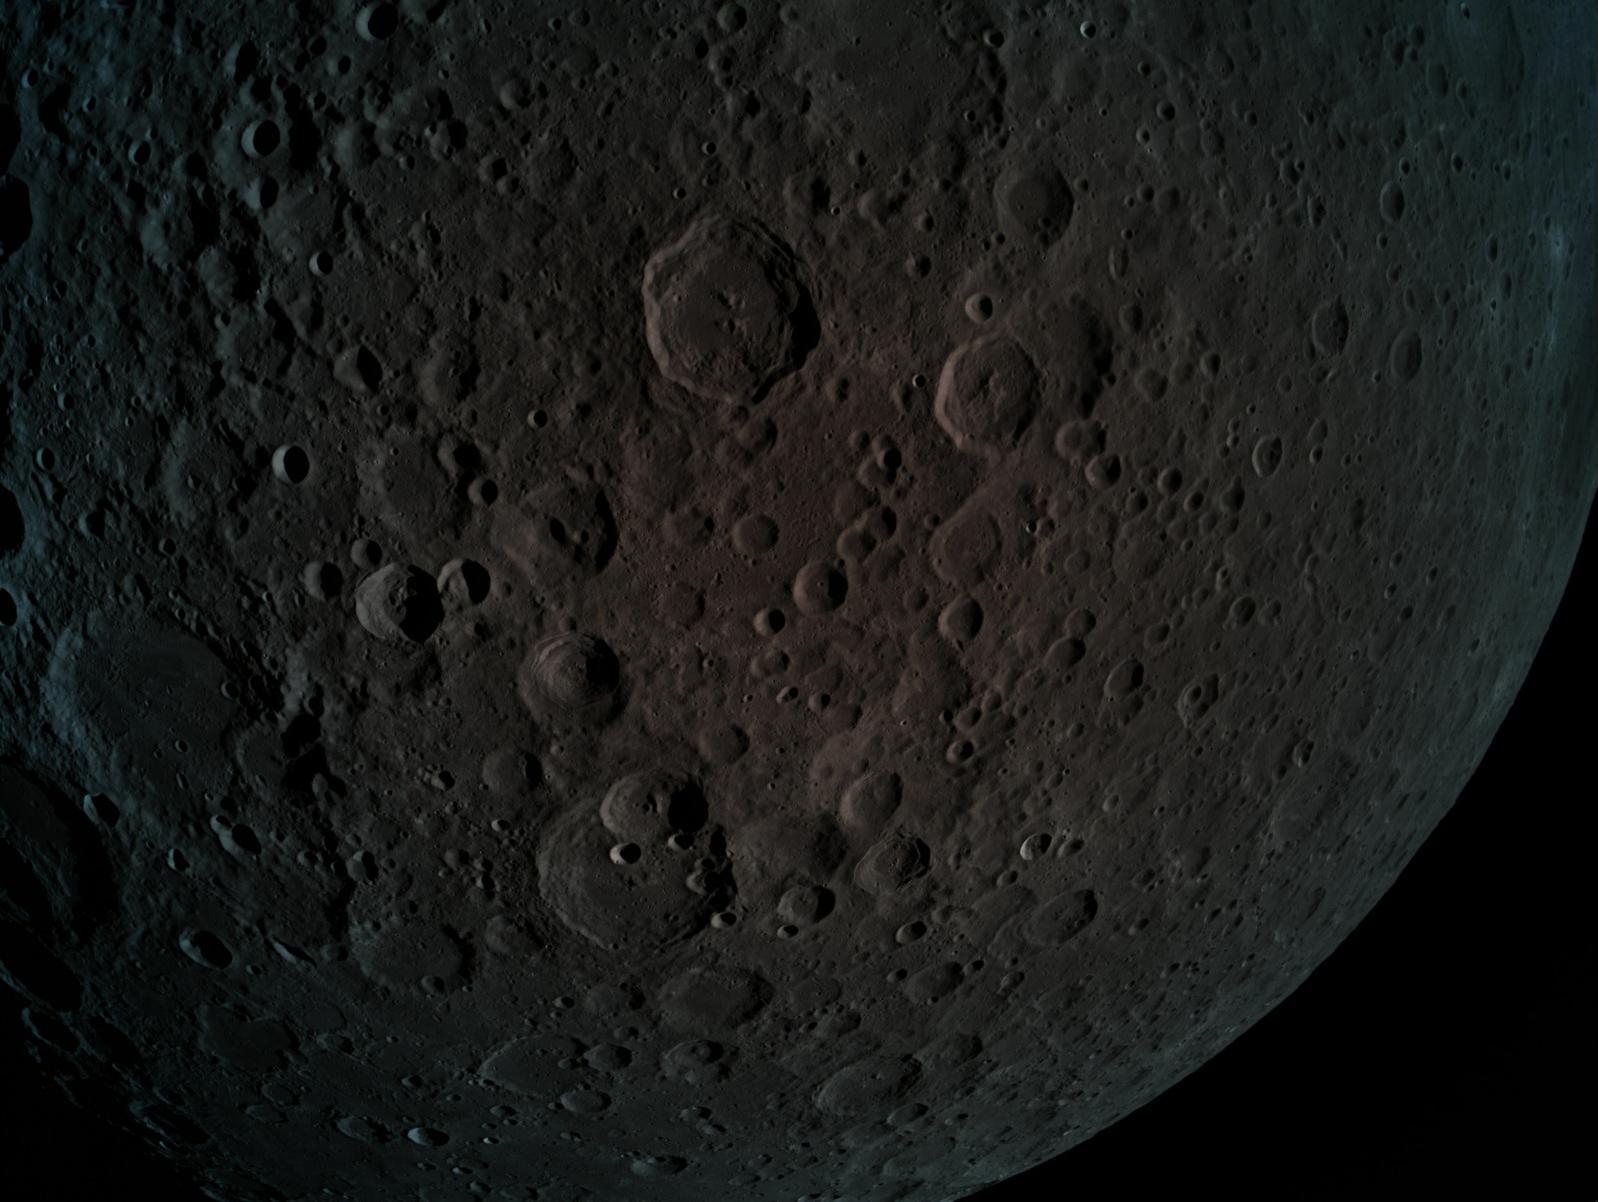 שישה ימים לנחיתה: החללית בראשית צילמה תמונות מרהיבות של הירח